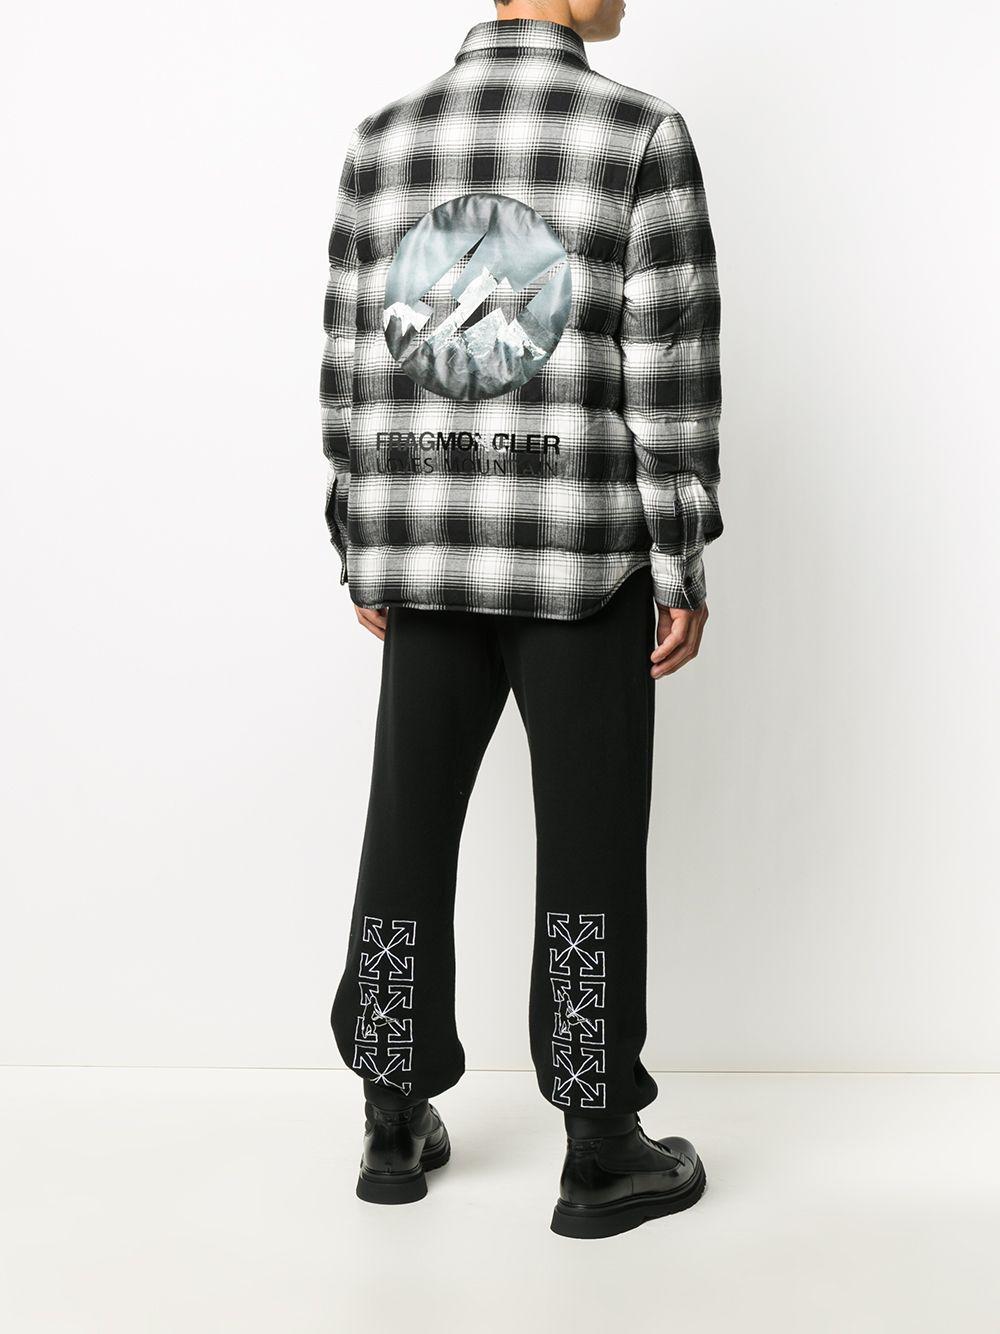 giubbino Denver in cotone bianco e nero di Moncler x Fragment Design MONCLER GENIUS | Piumini | DANVER 1B513-10-549XX990